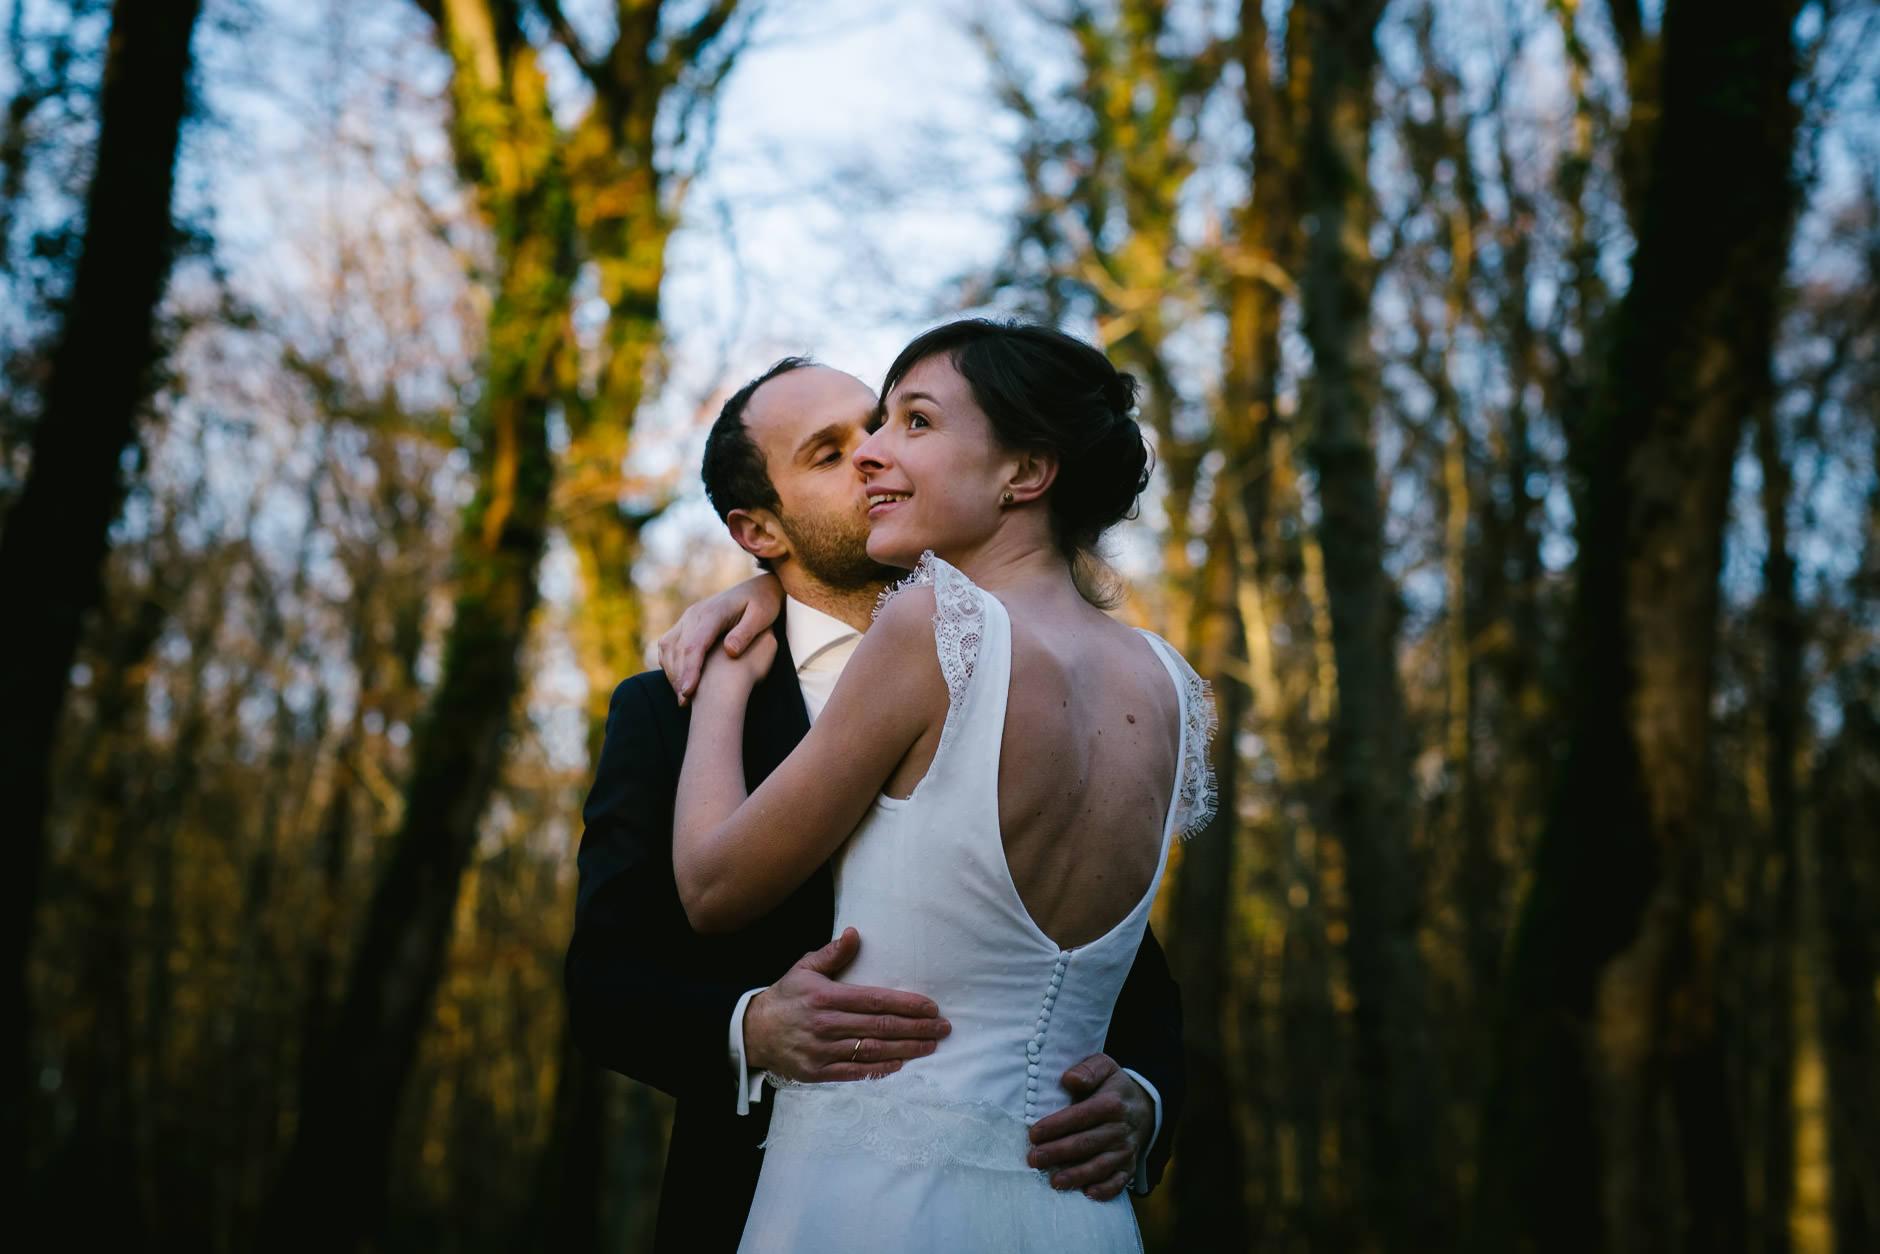 mariage-photographie-franche-comte-emiliekphotographie1-3